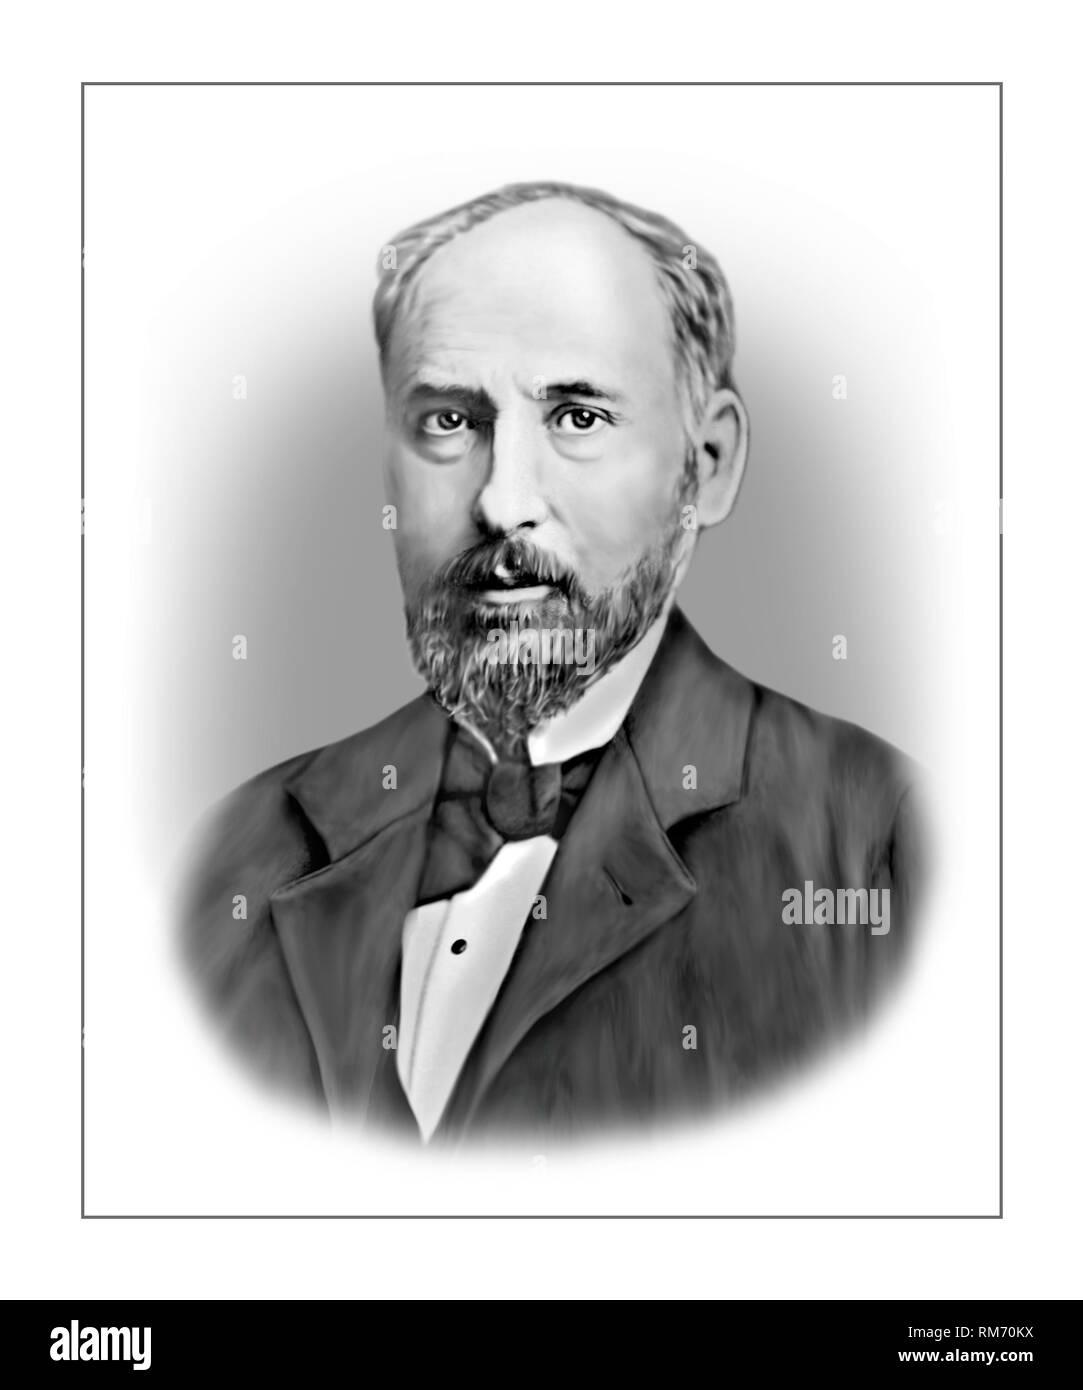 Santiago Ramón y Cajal patólogo neurocientífico Español 1852-1934 Imagen De Stock